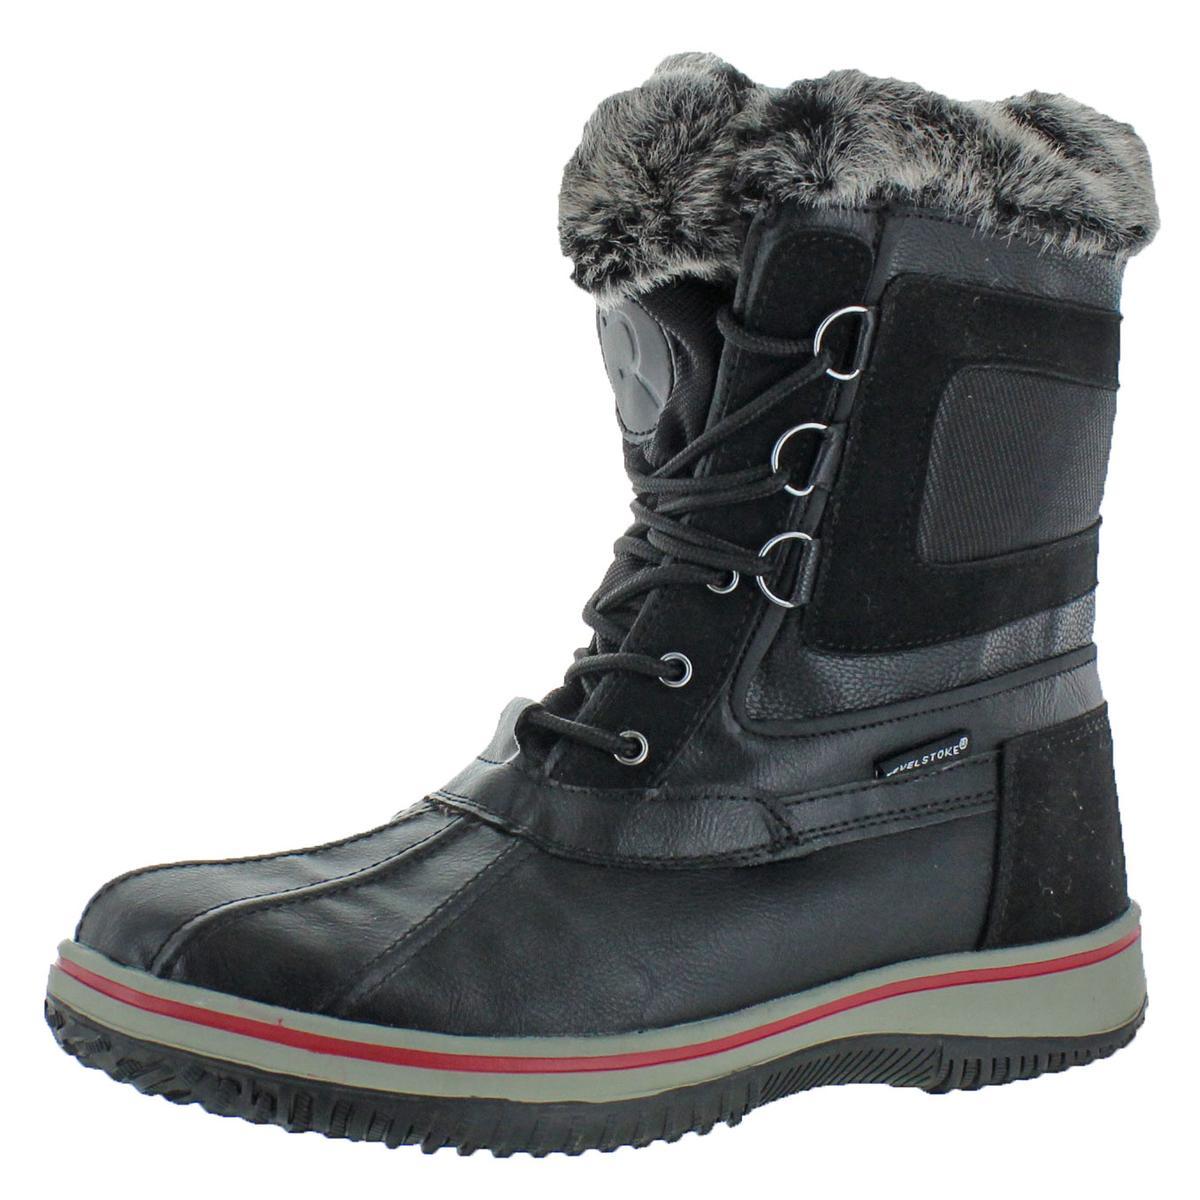 9c3f7127399 BHFO  Revelstoke Men s Drydock Duck Toe Faux Fur Winter Snow Boots ...